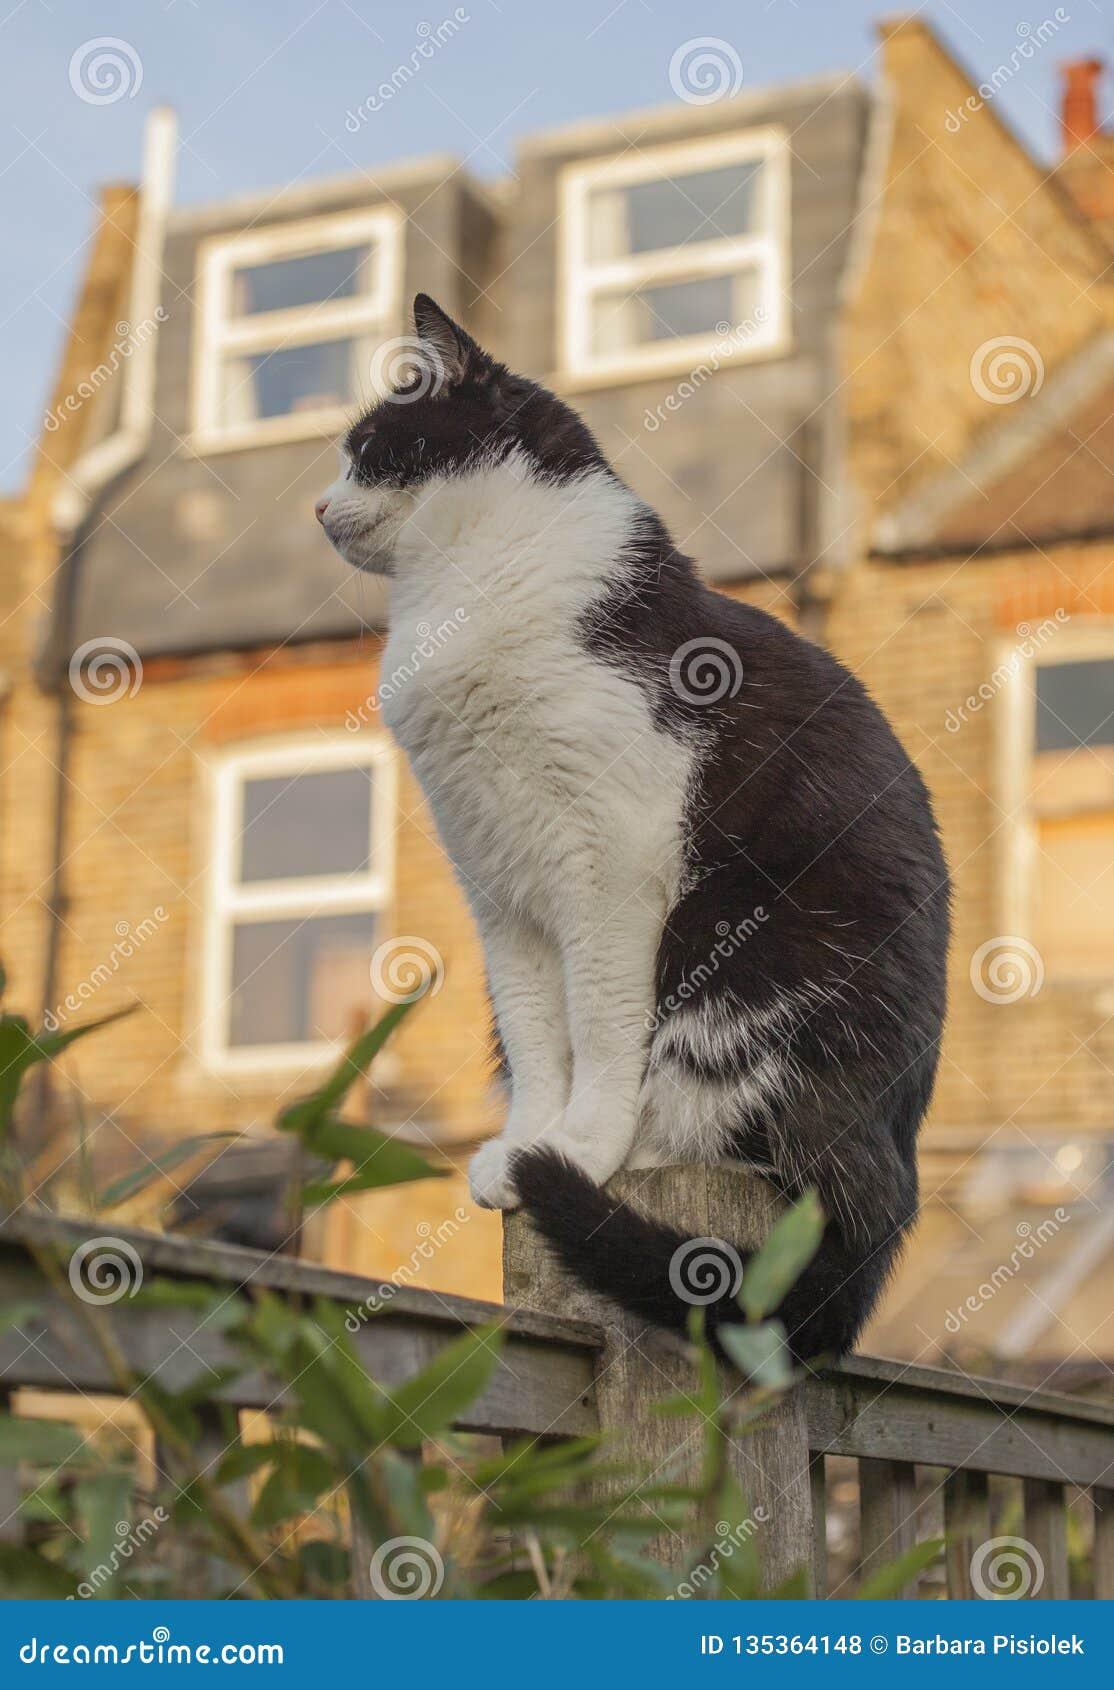 London England, UK - en vit och svart katt i trädgården på en solig dag